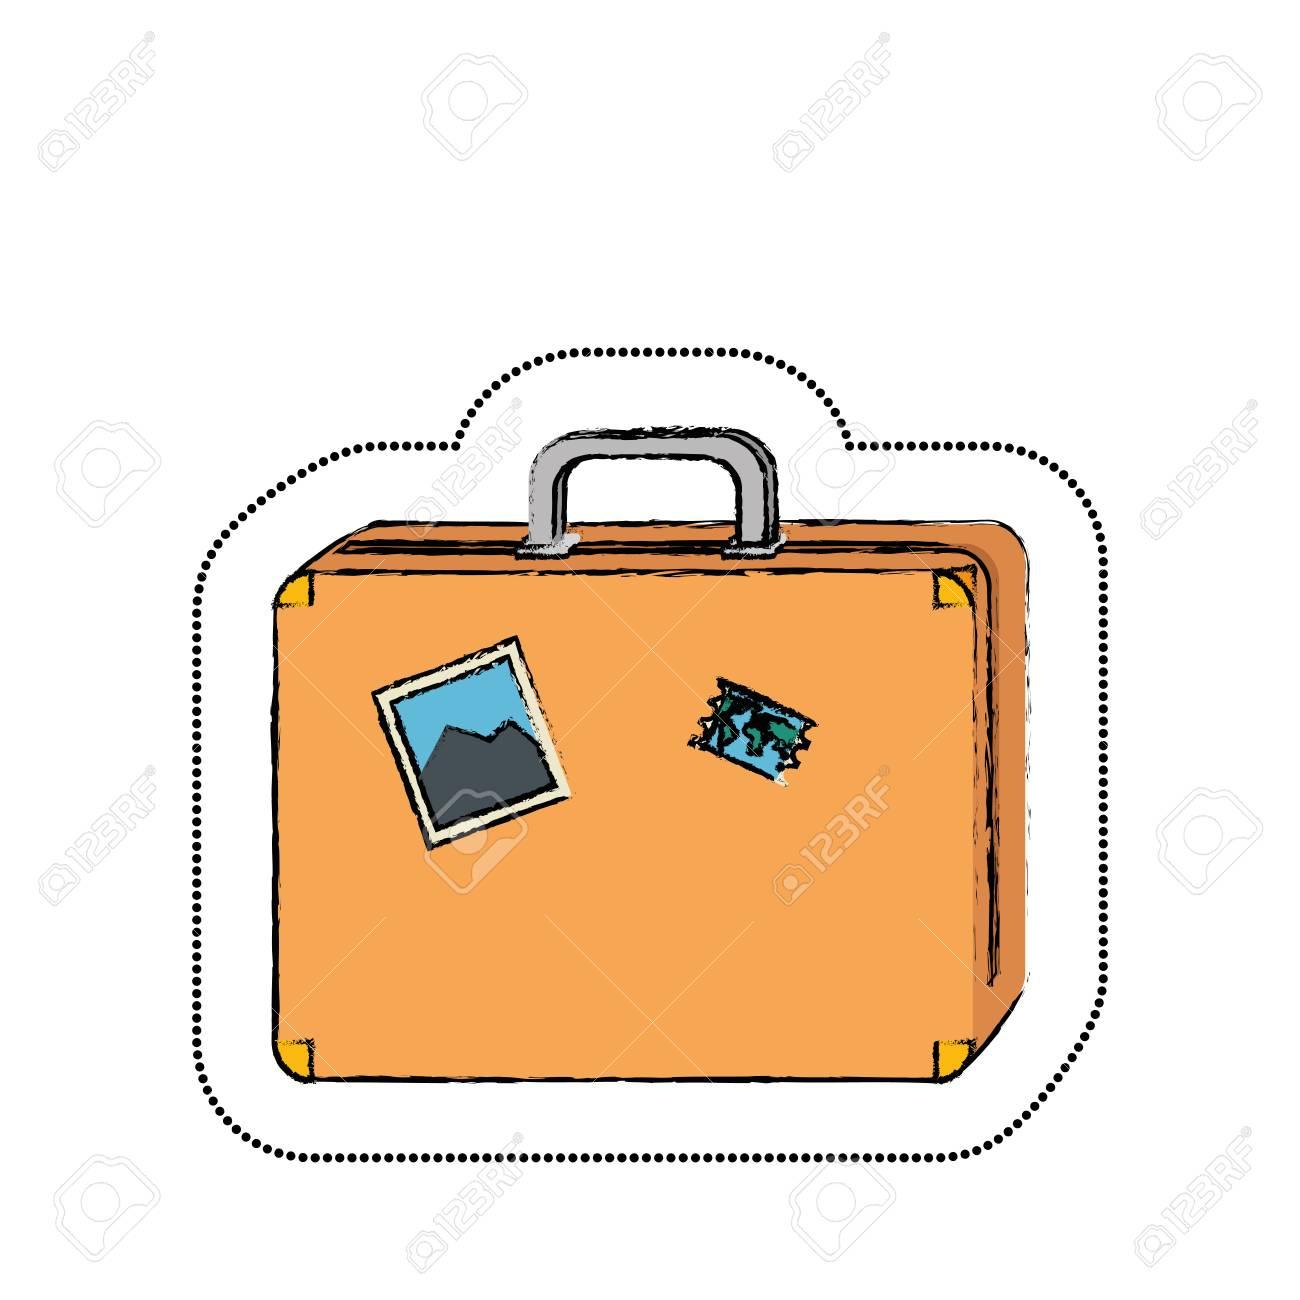 旅行かばんのアイコン ベクトル イラスト デザインを分離しましたの